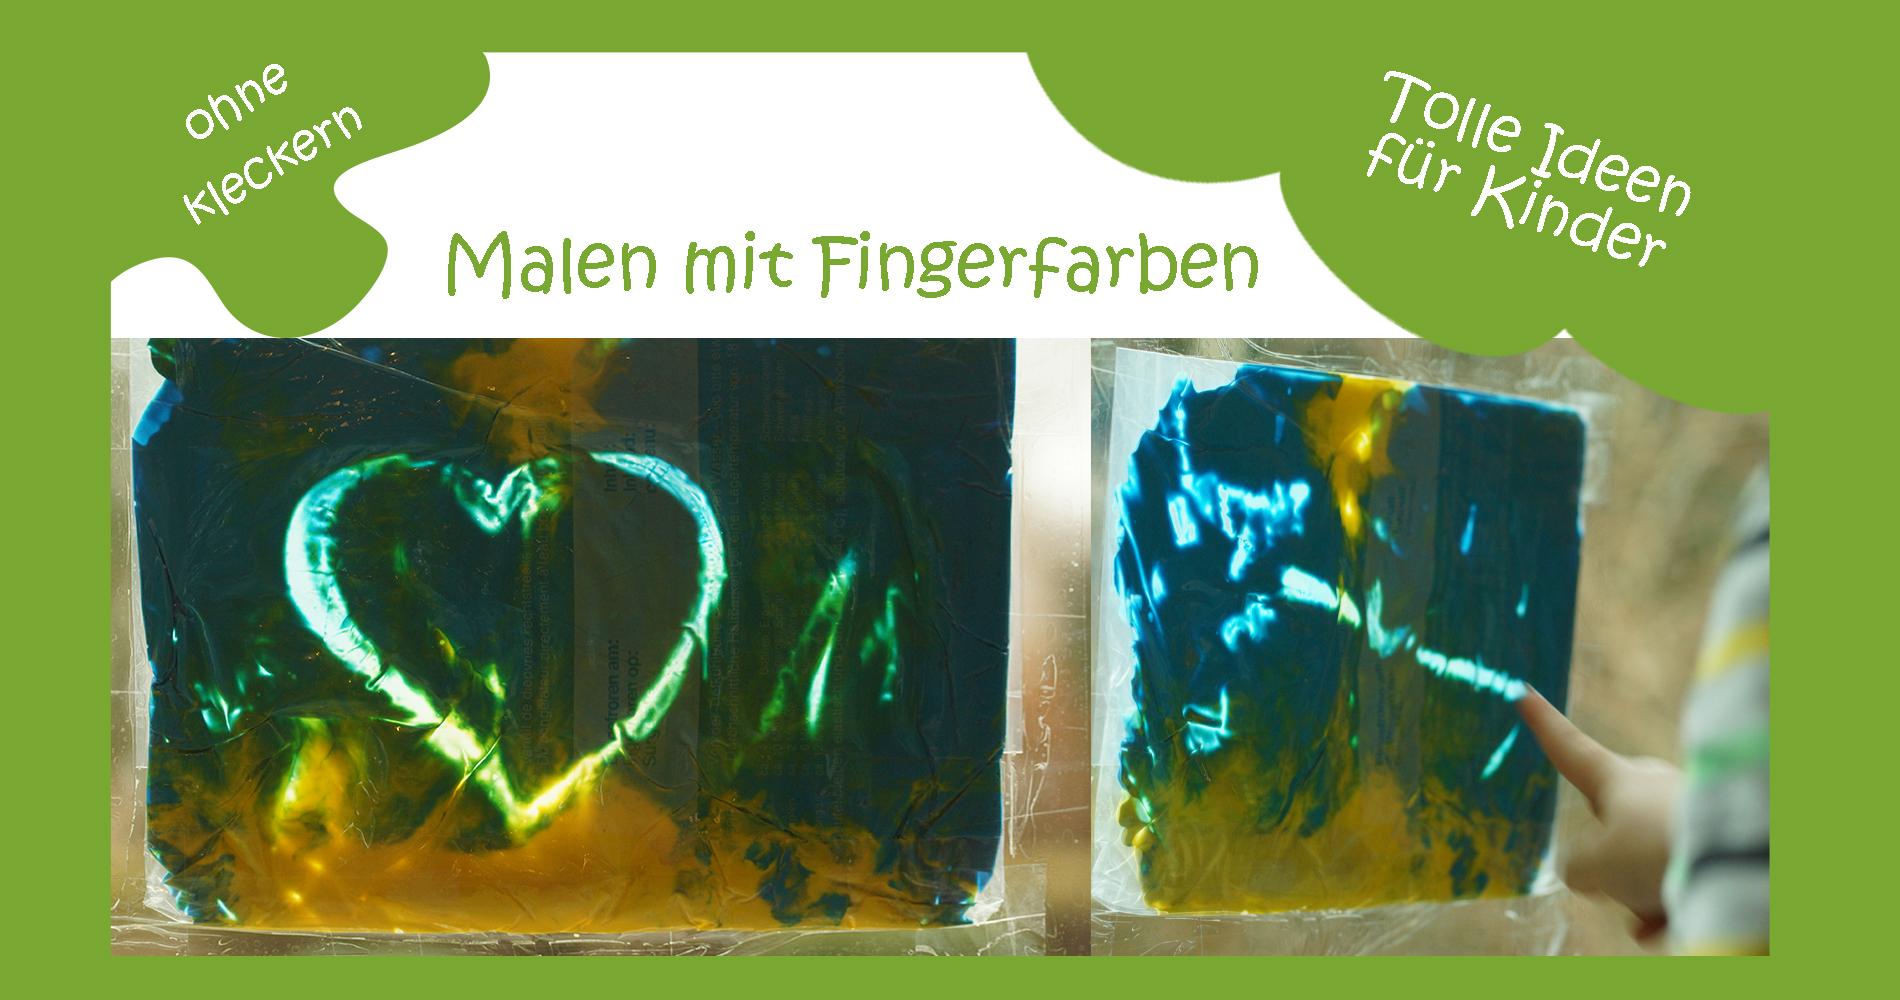 Malen mit Fingerfarben ohne Kleckern - kreativsein.blog